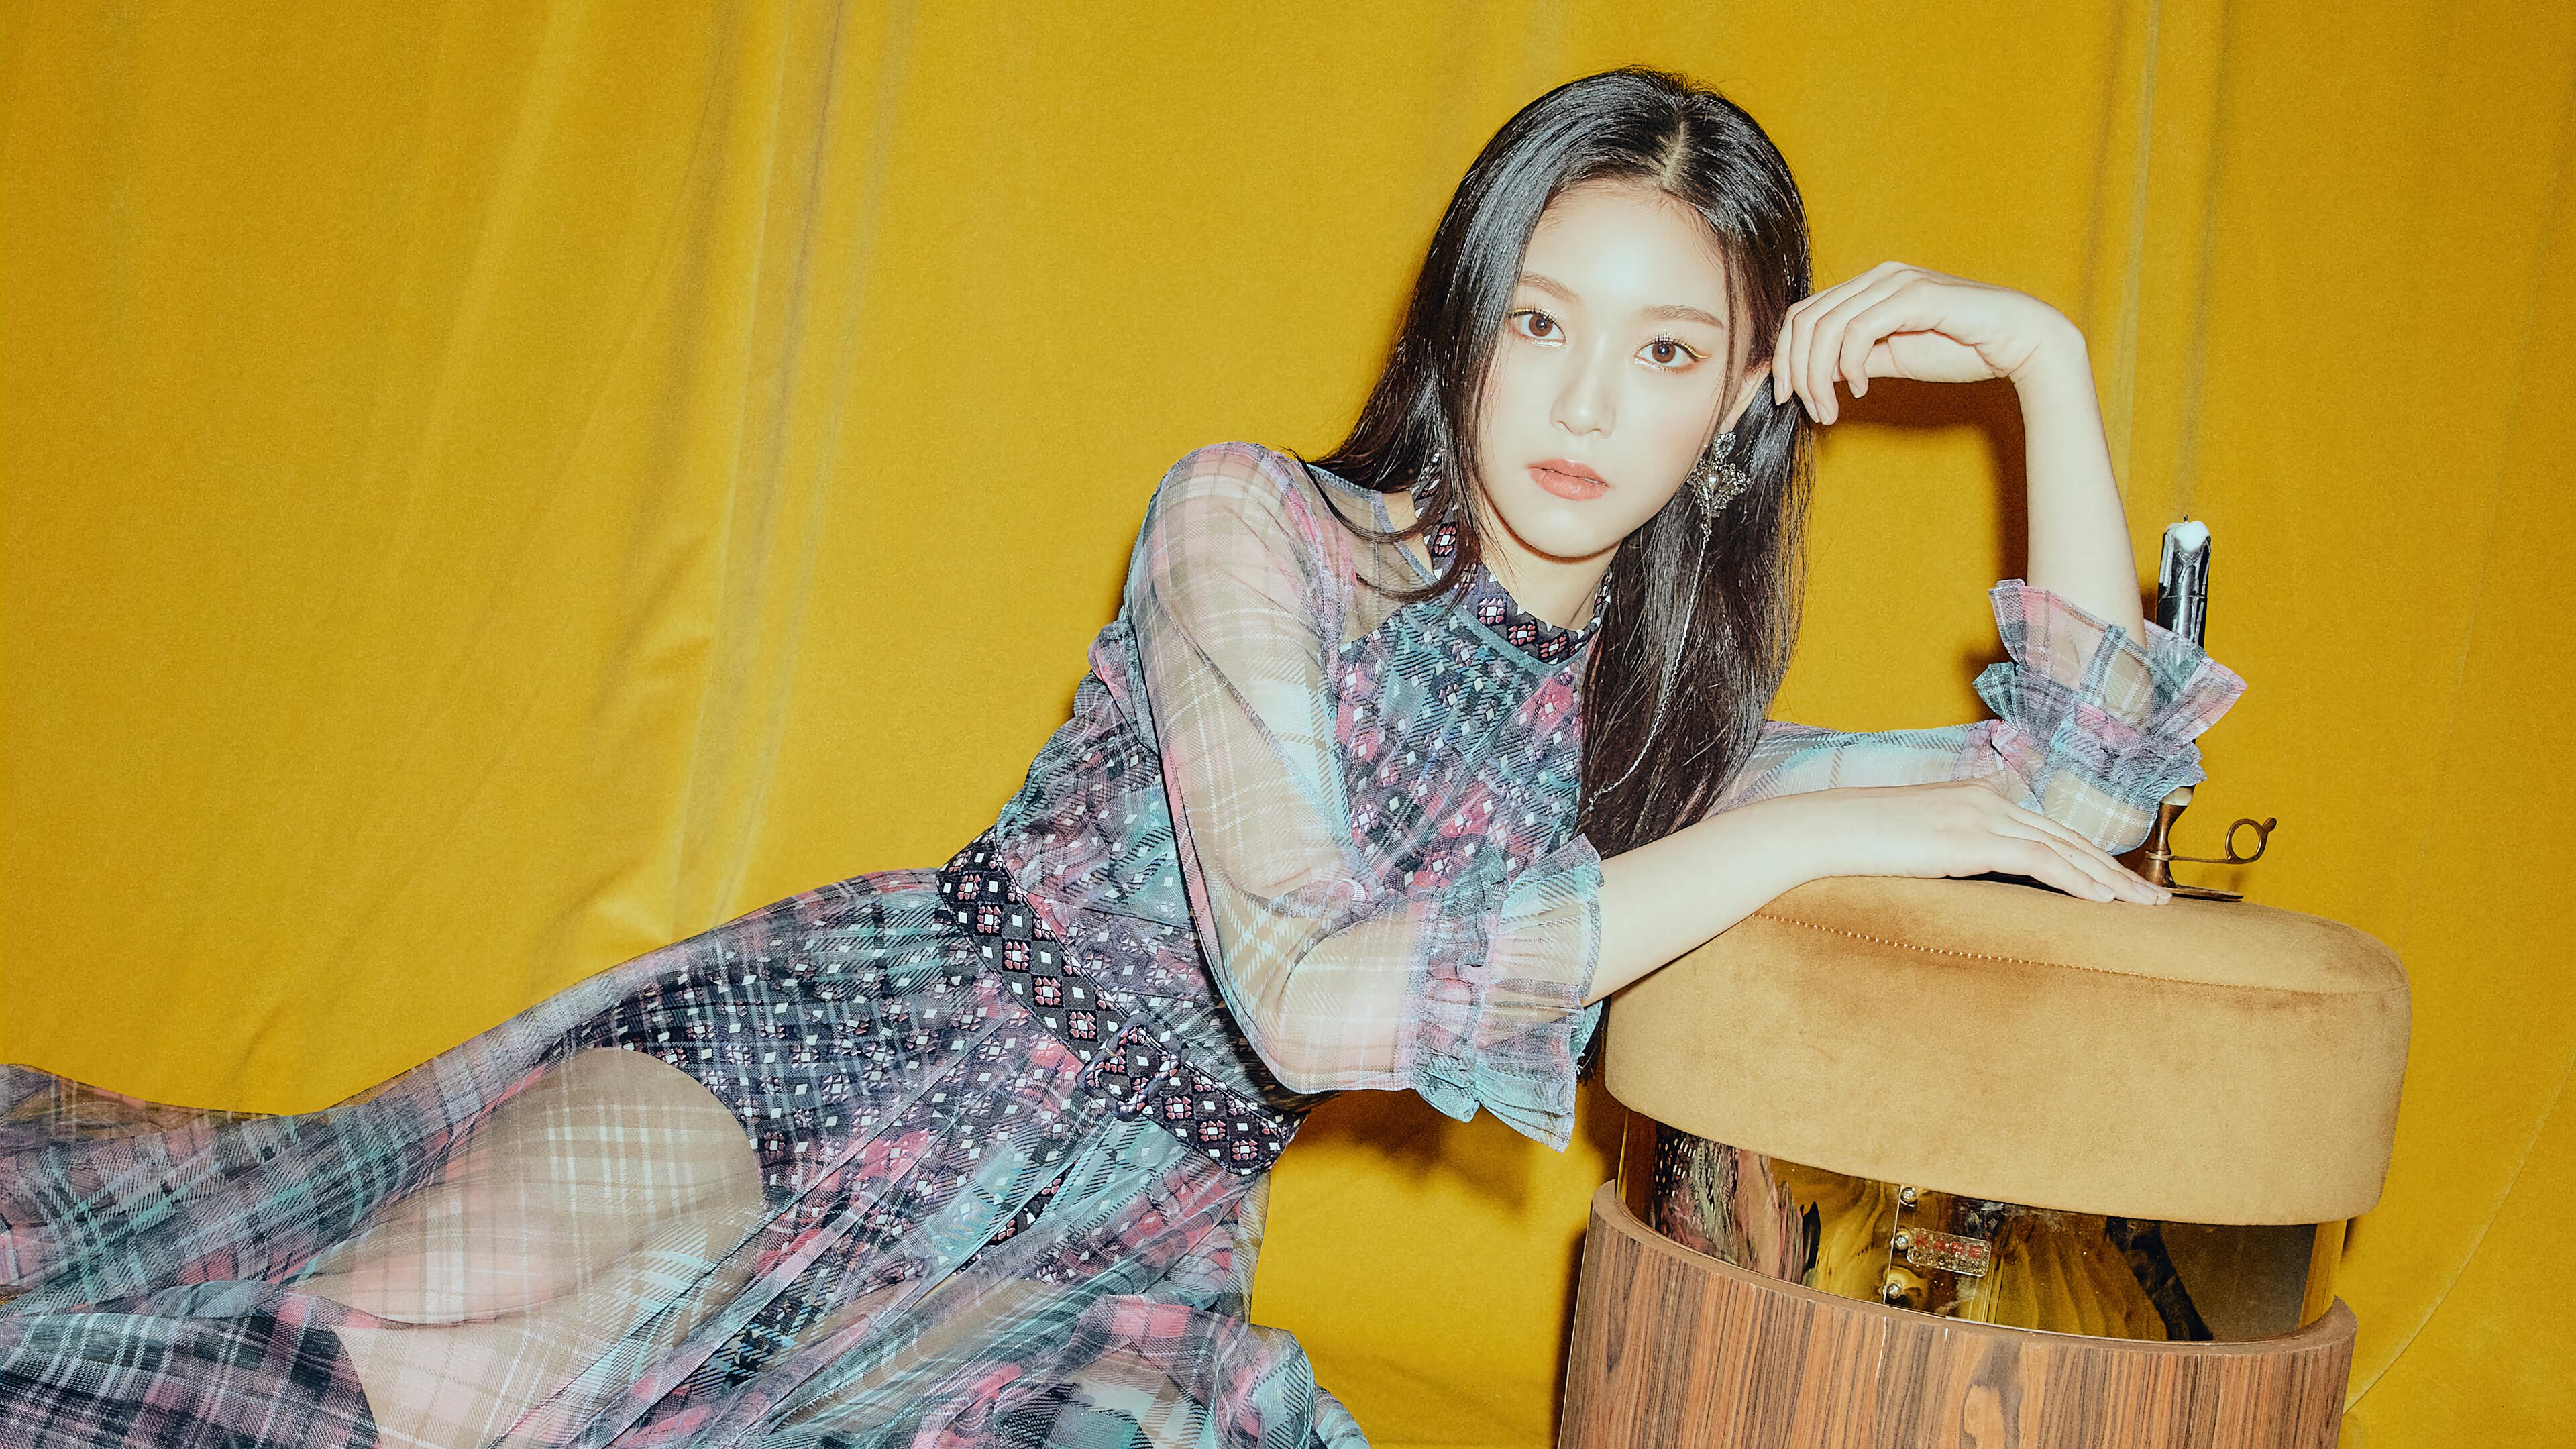 Fondos de pantalla LOONA Hyunjin Paint The Town